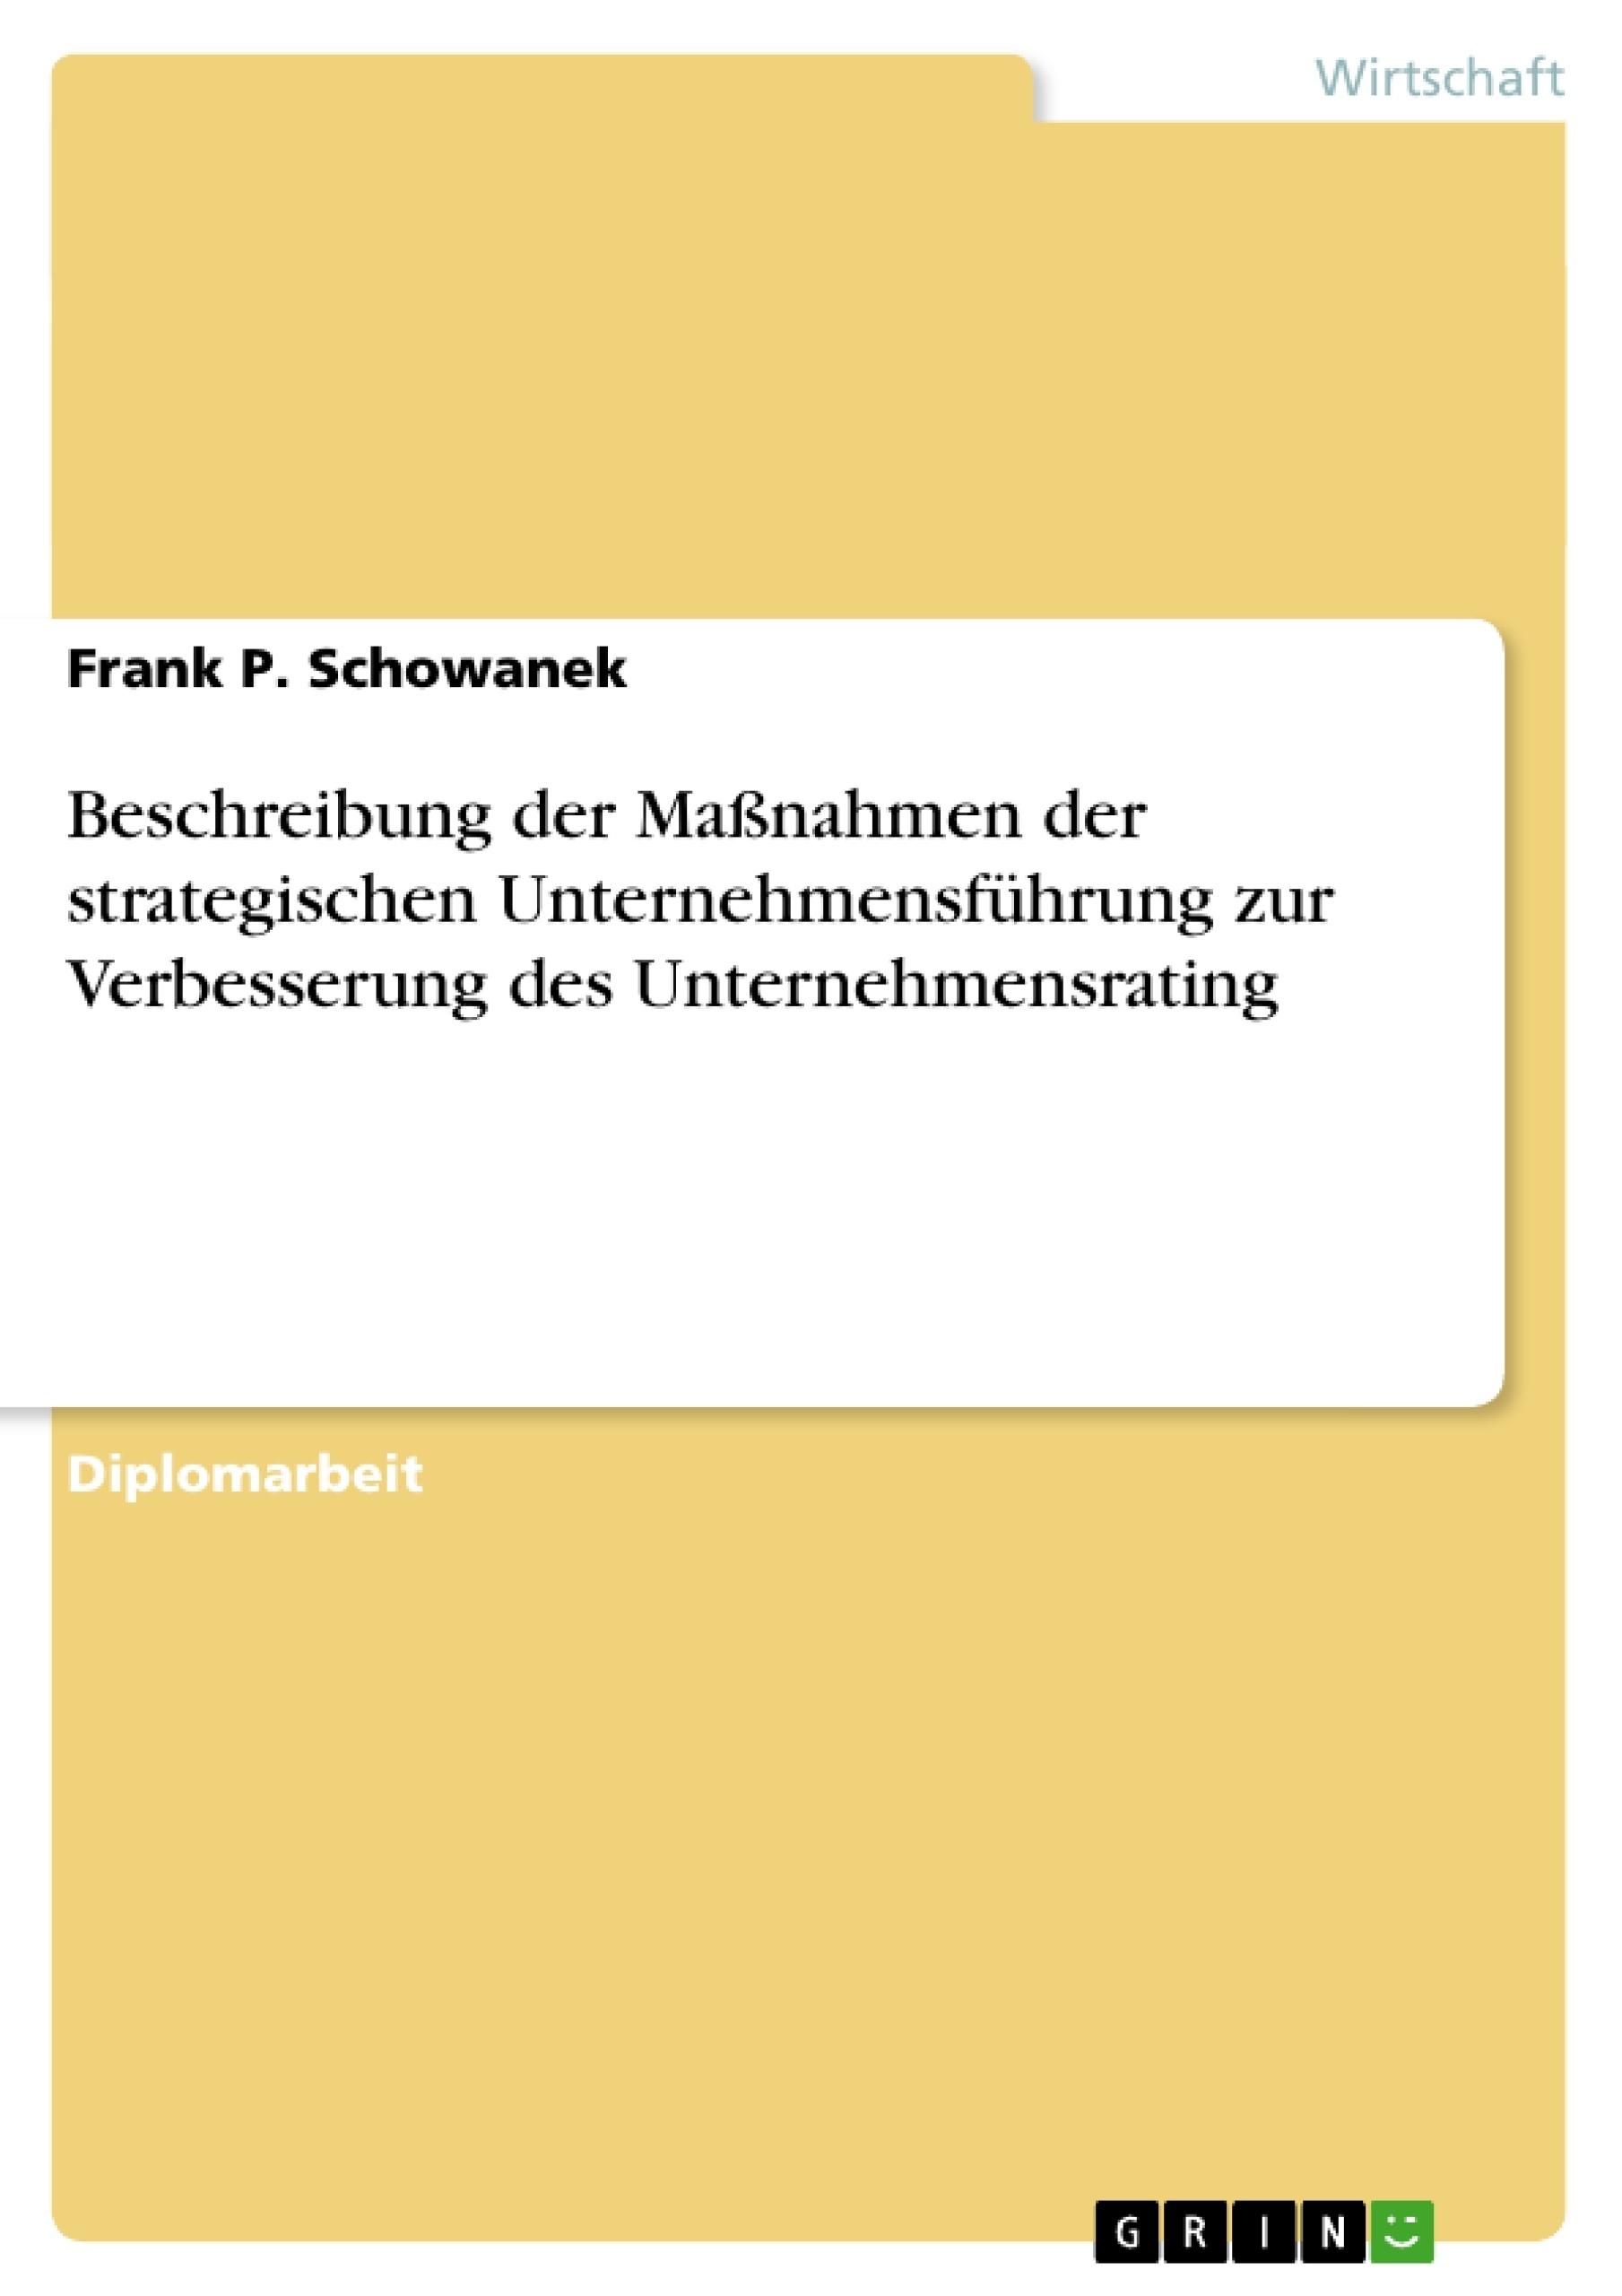 Titel: Beschreibung der Maßnahmen der strategischen Unternehmensführung zur Verbesserung des Unternehmensrating